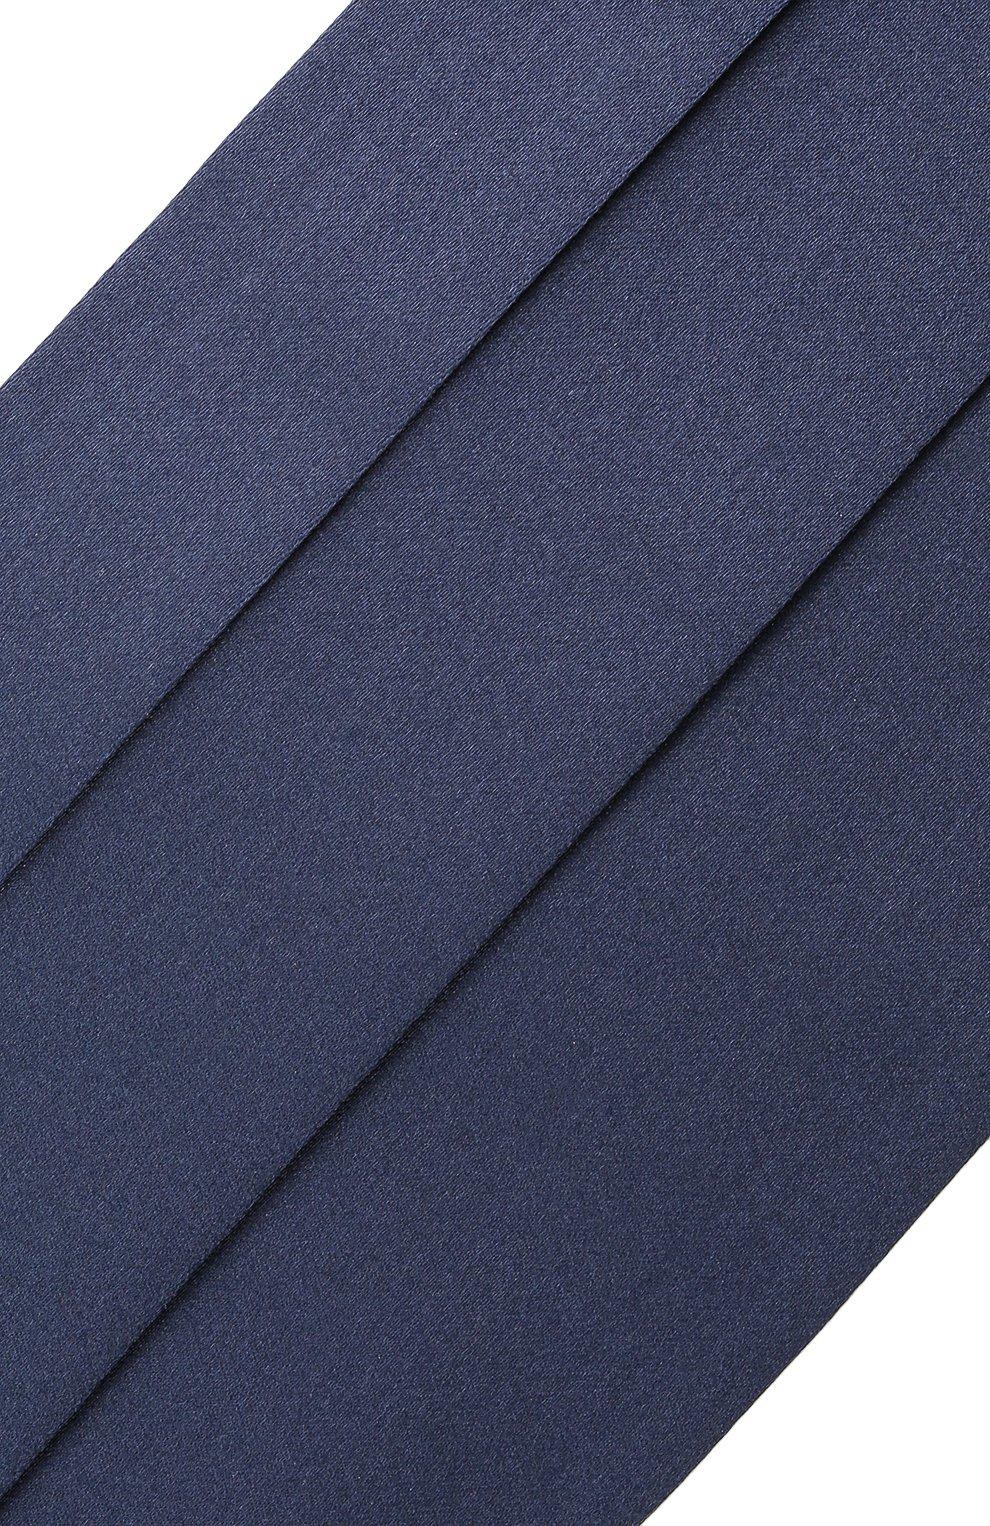 Мужской комплект из галстука-бабочки и камербанда CANALI темно-синего цвета, арт. 55/HJ01047 | Фото 7